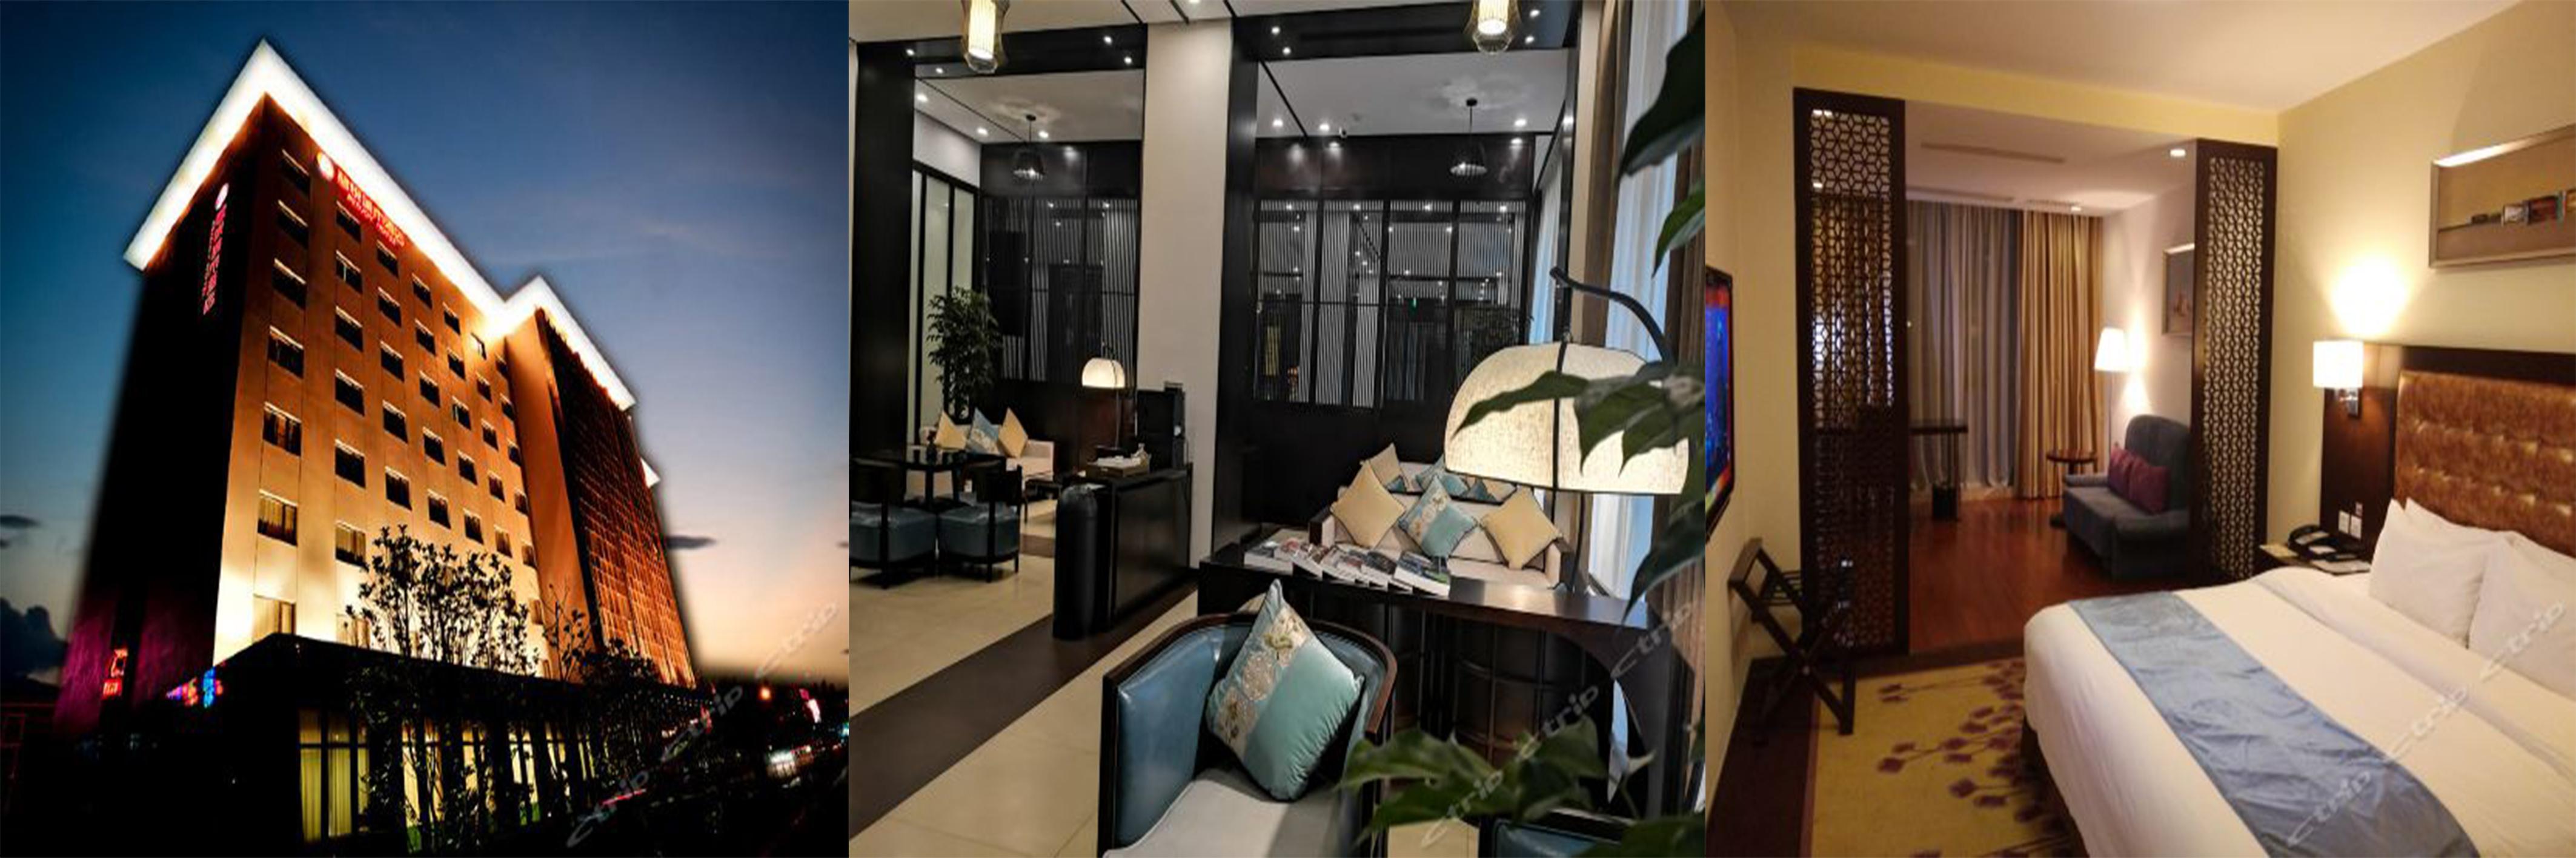 Benjoy Hotel (Shanghai Jinqiao)